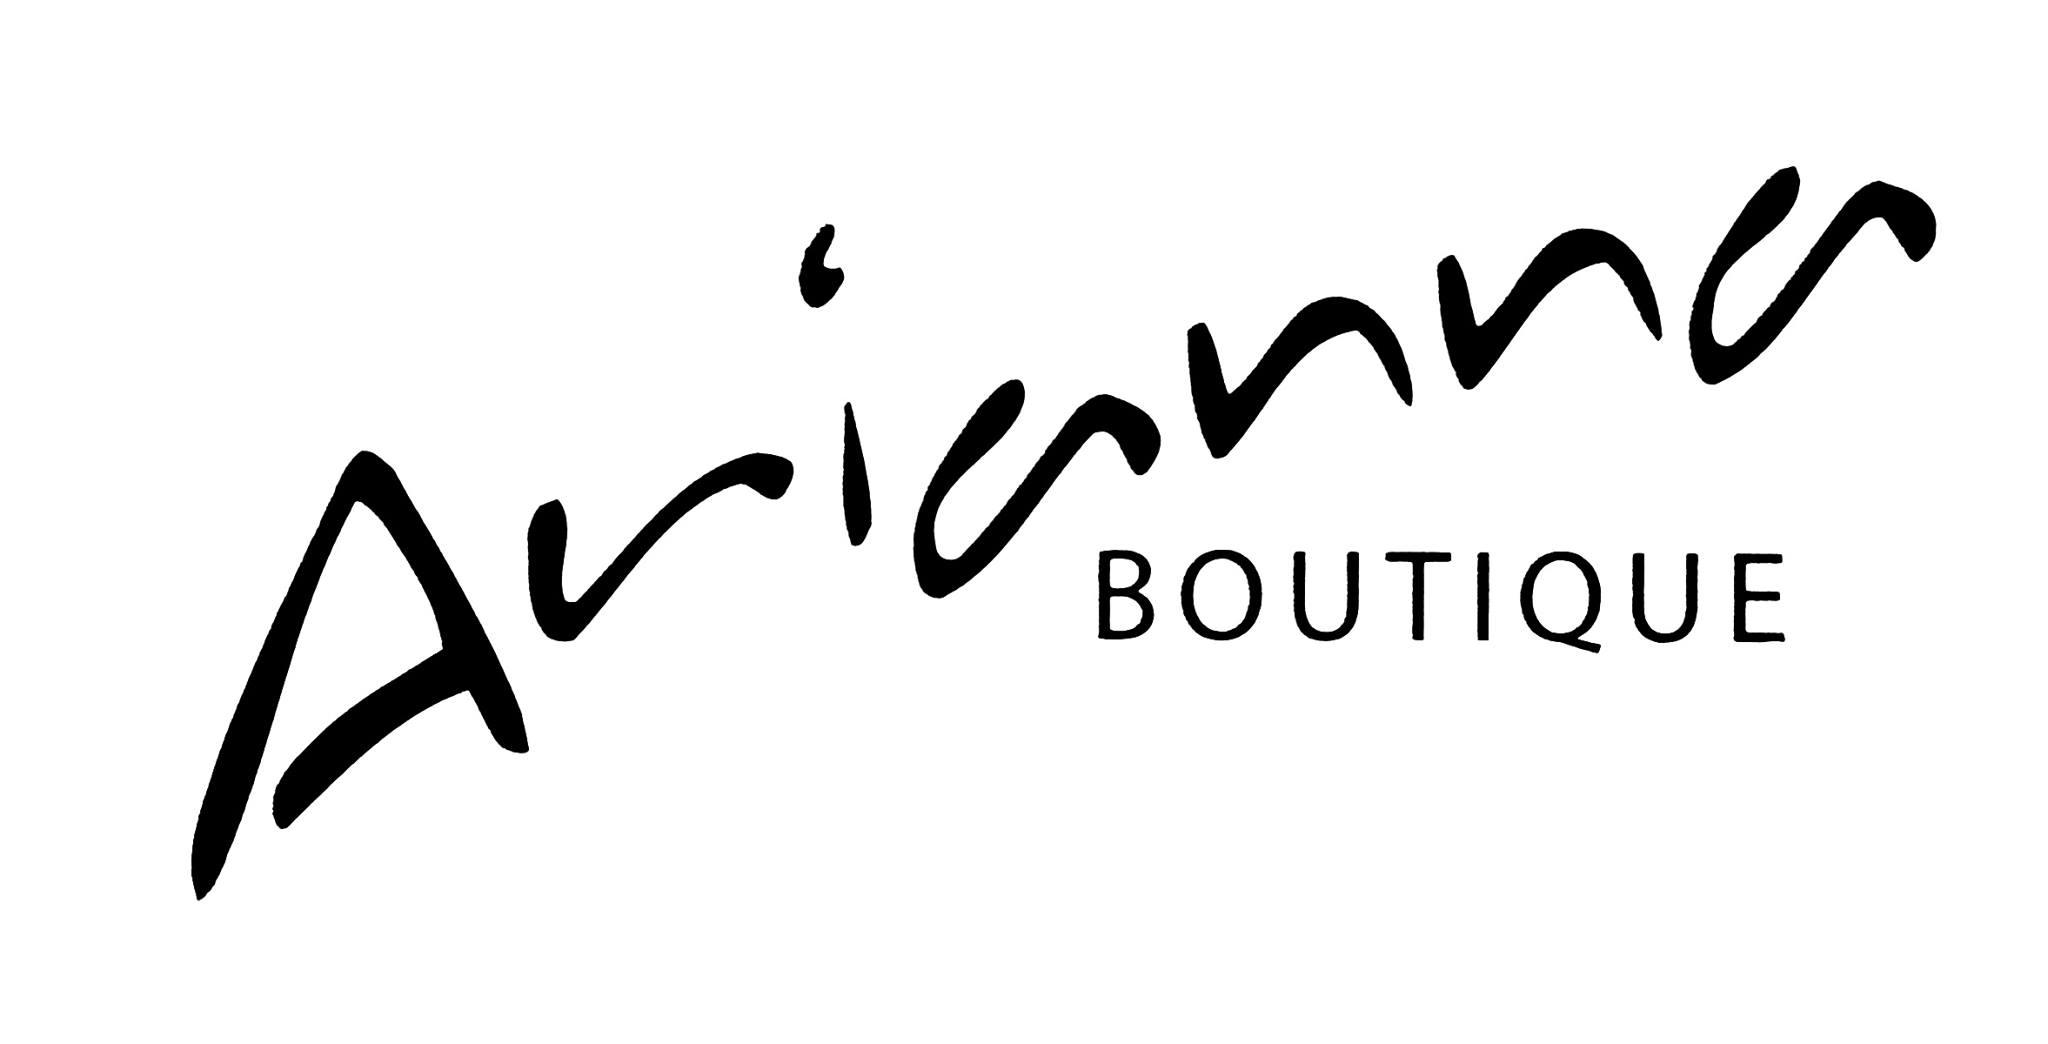 Arianna Boutique